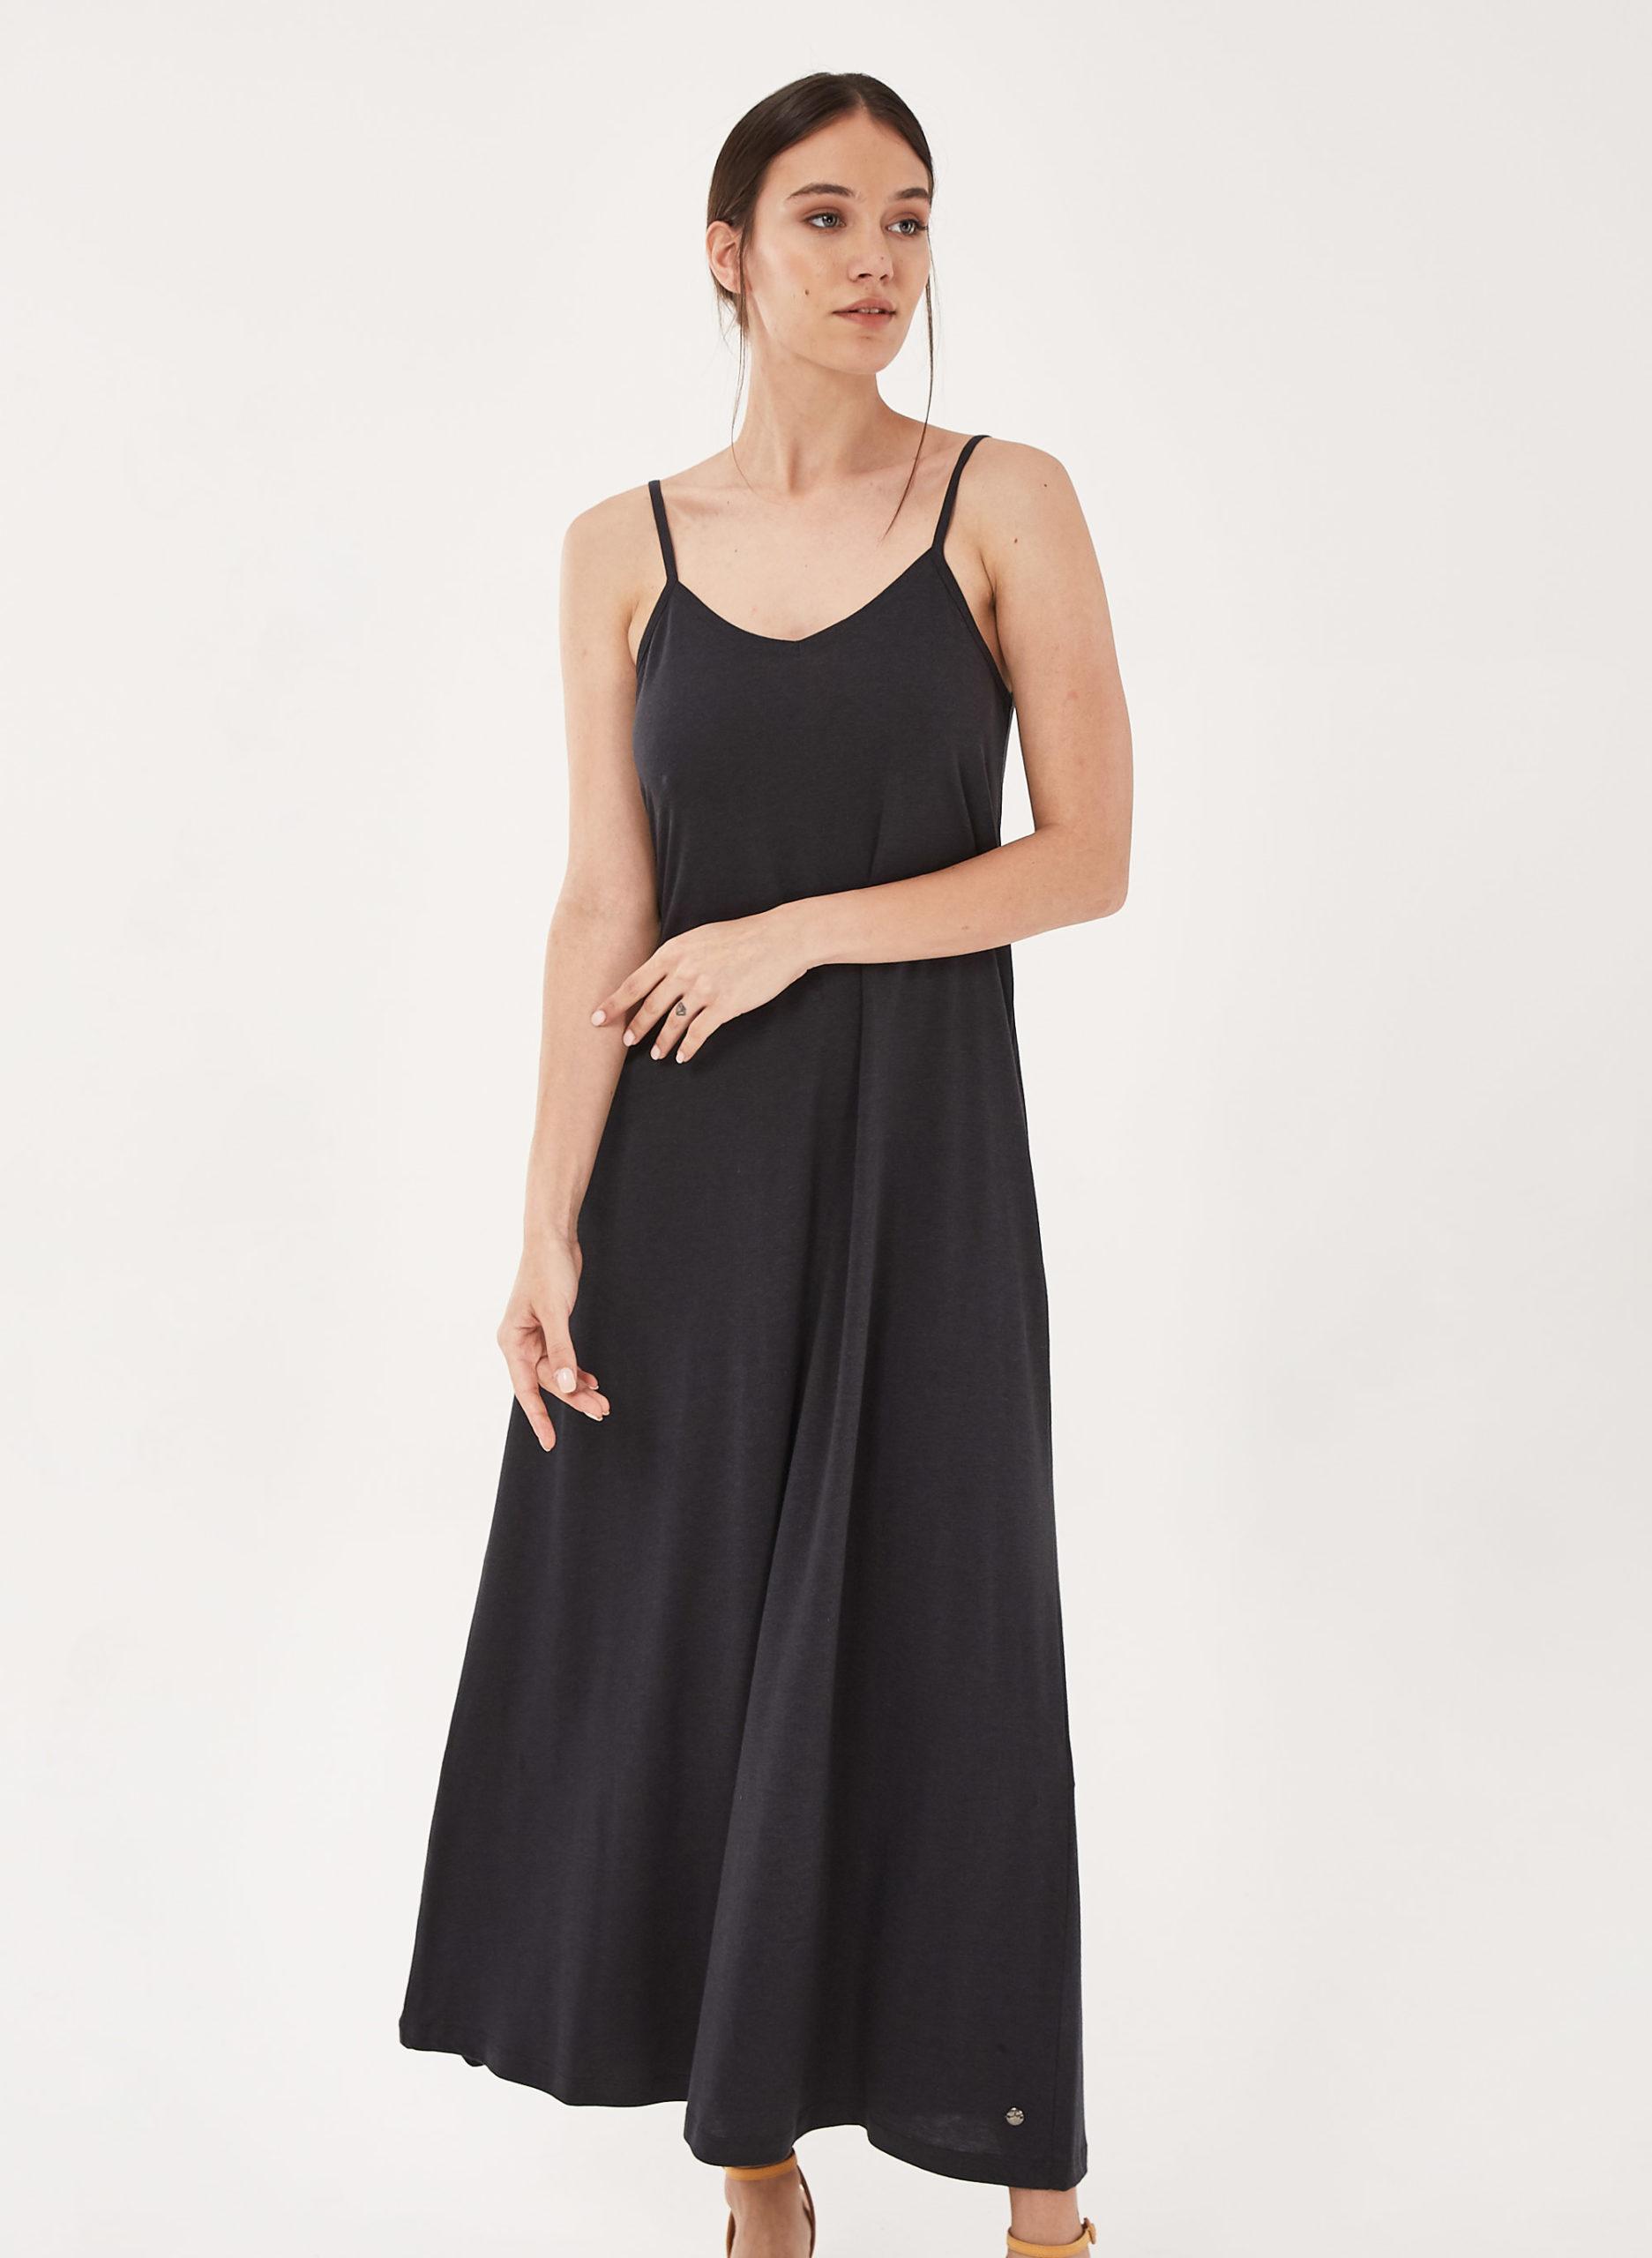 Spaghettiträger-Kleid aus Tencel und Bio-Baumwolle - onyx